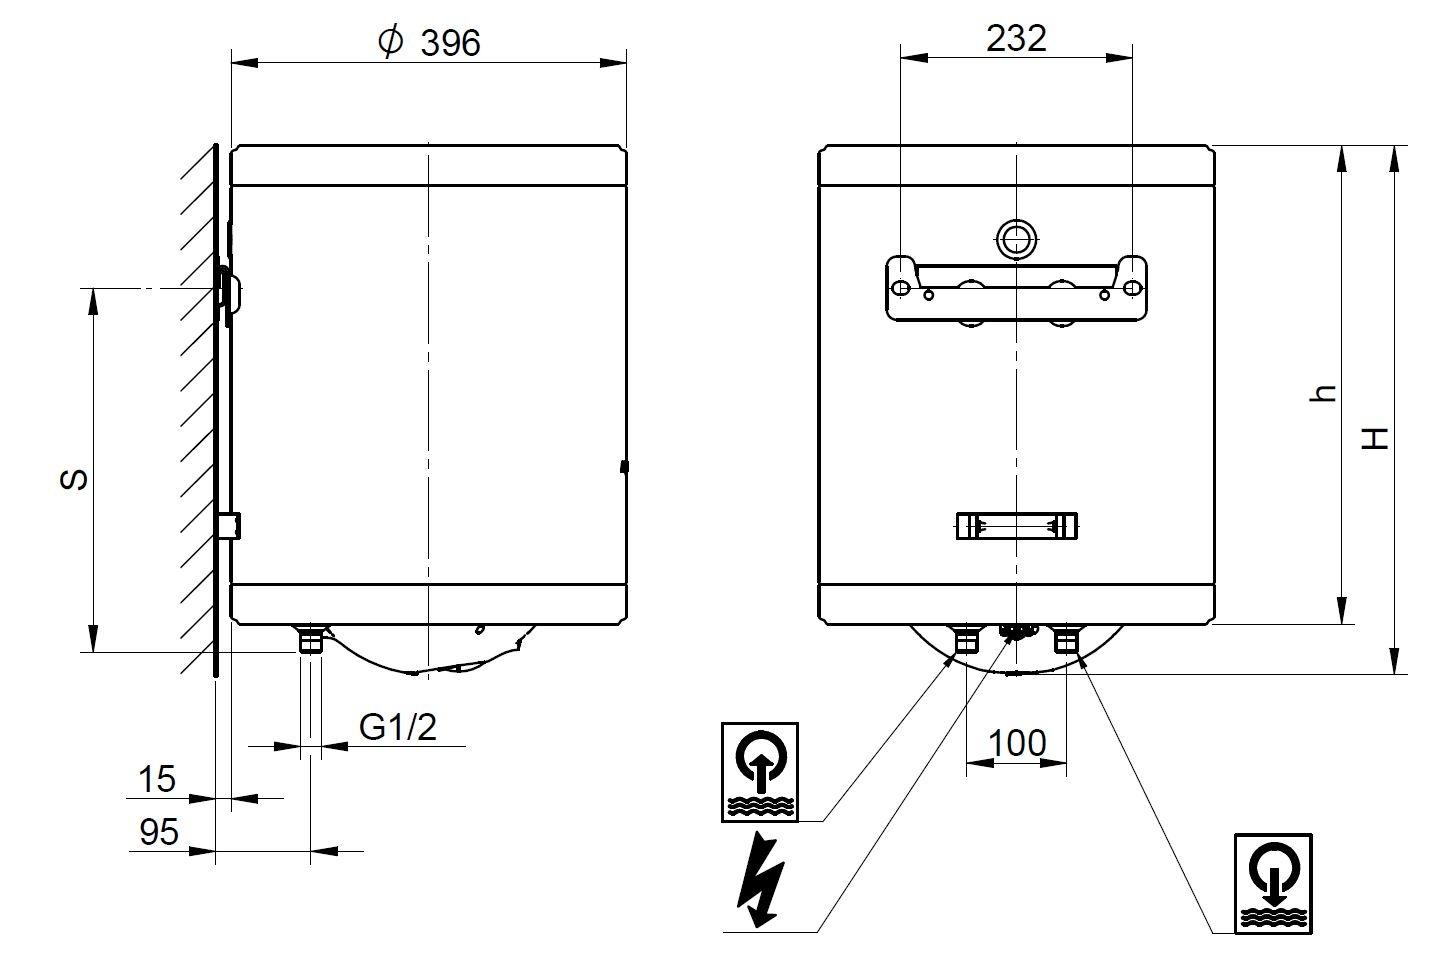 Aquastic (Hajdu Gyártmány) AQ Eco Slim 80 Függesztett villanybojler műszaki ábra